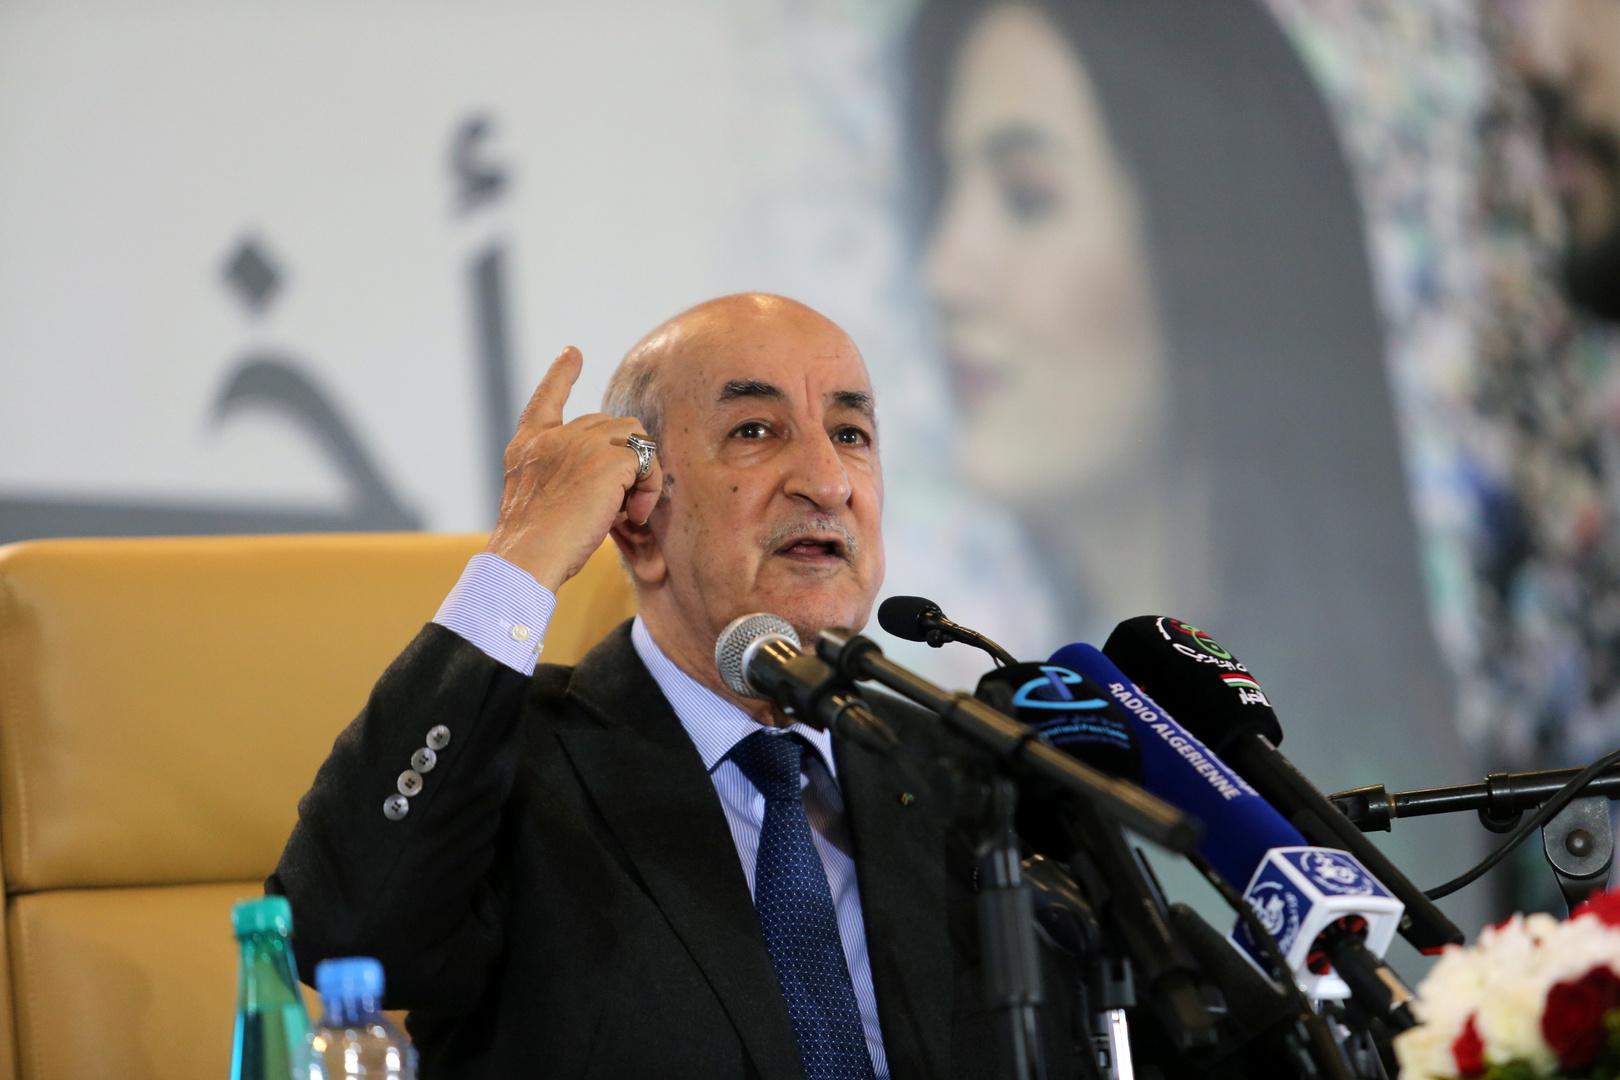 الرئيس الجزائري الجديد يتعهد بإجراء تغييرات دستورية عميقة وطرحها على استفتاء شعبي